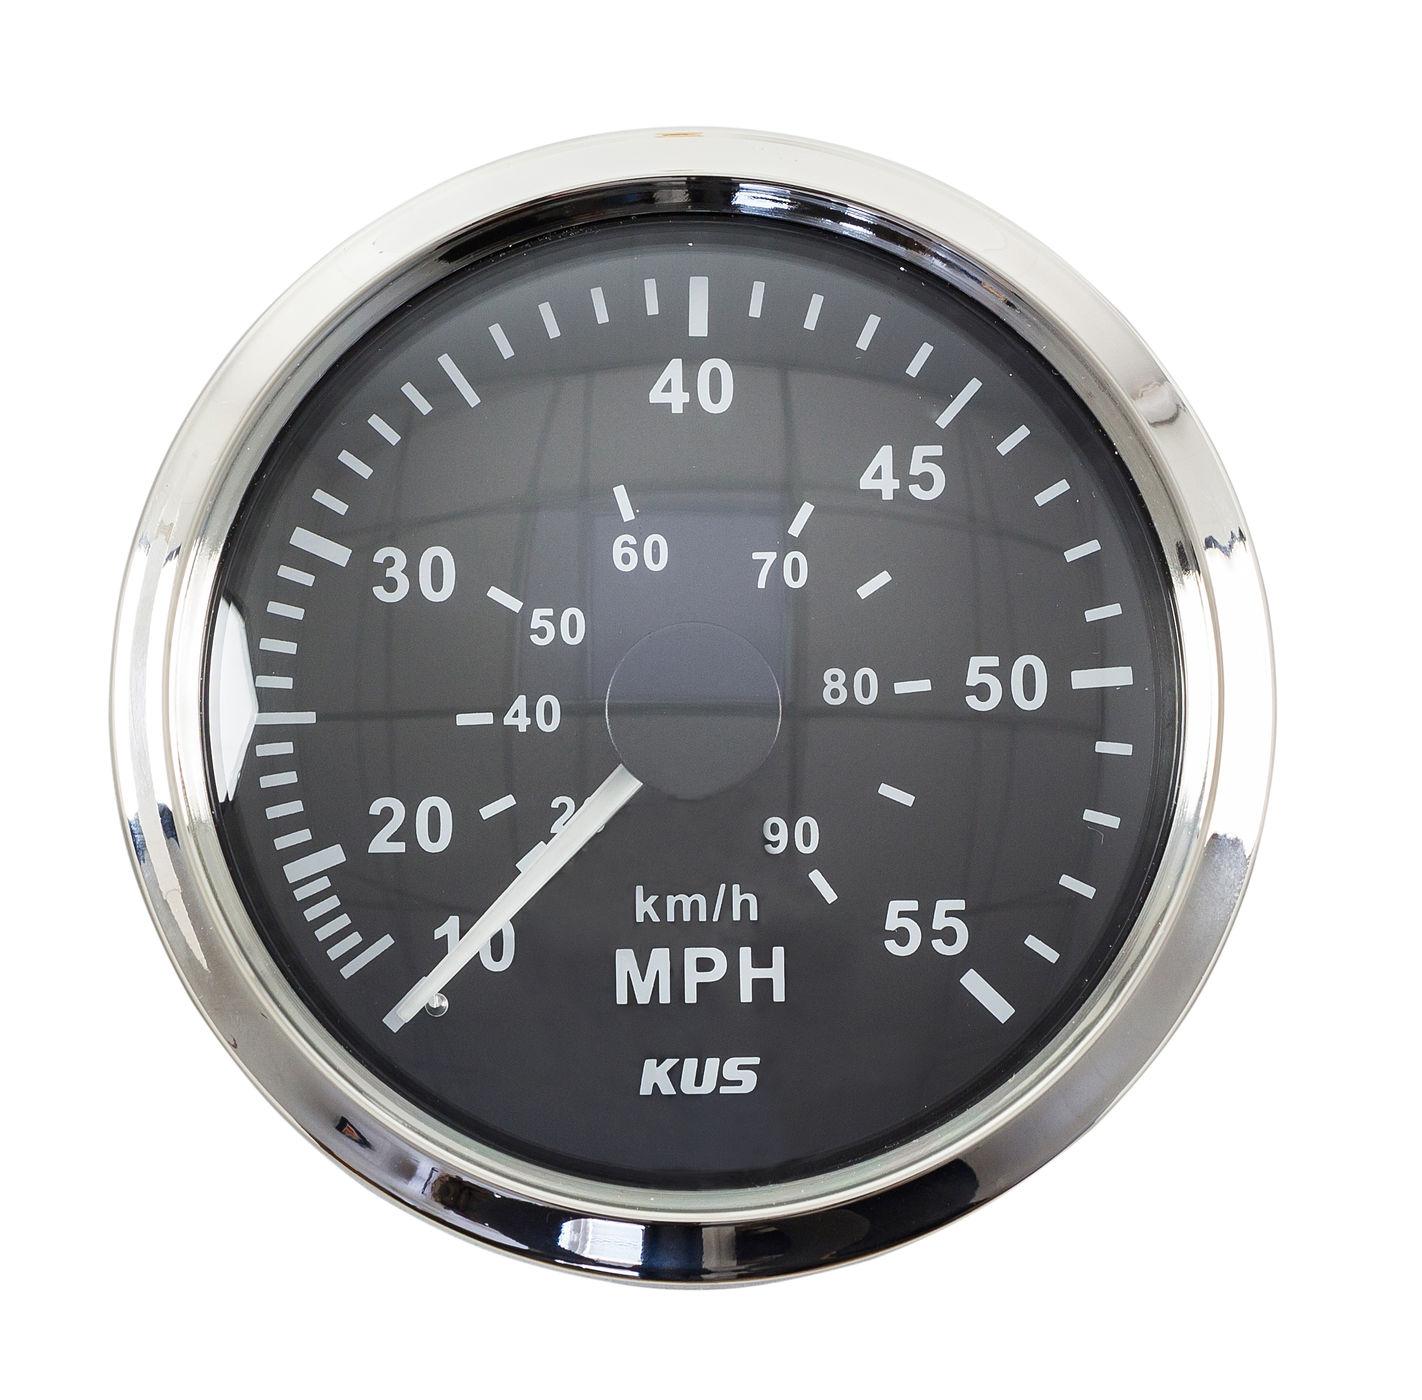 スピードメーターゲージ 0-55 MPH 、ブラックダイヤルステンレス鋼ベゼル、など 85 ミリメートル KY18002